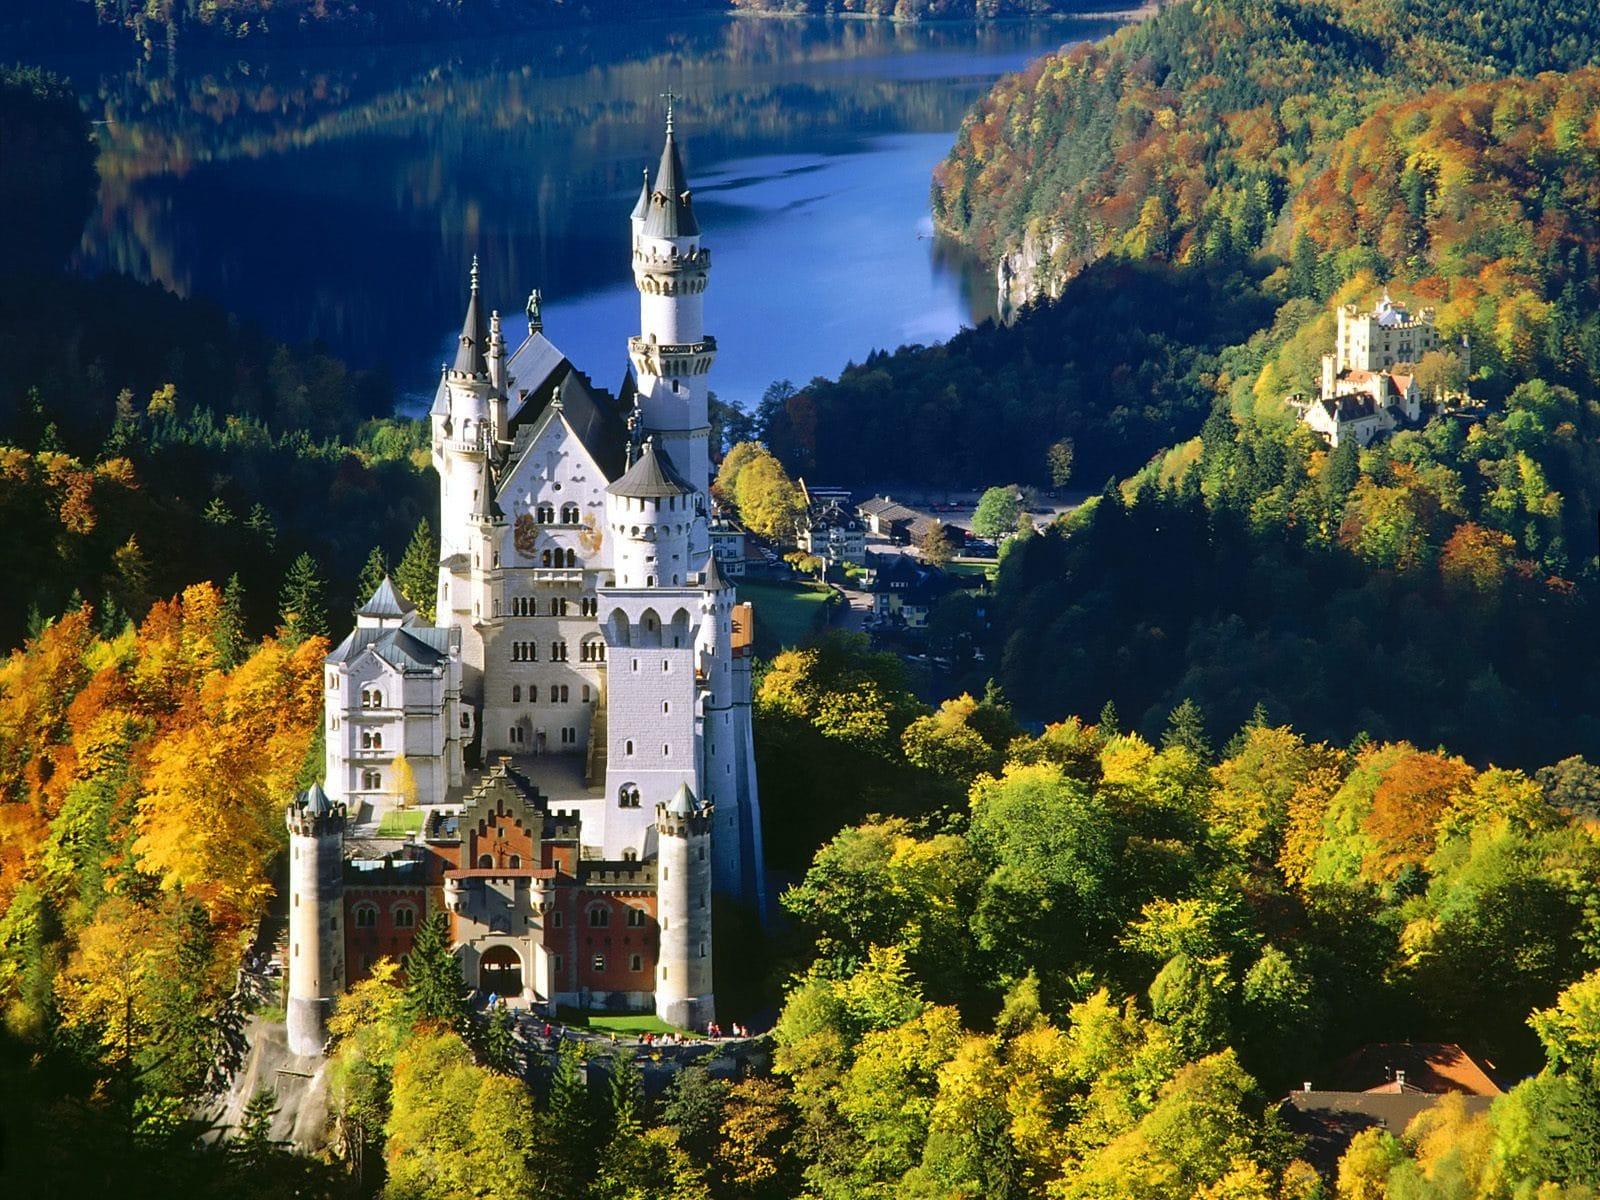 Castelul Neuschwanstein  - un obiectiv turistic apreciat  din Schwangau, Germania